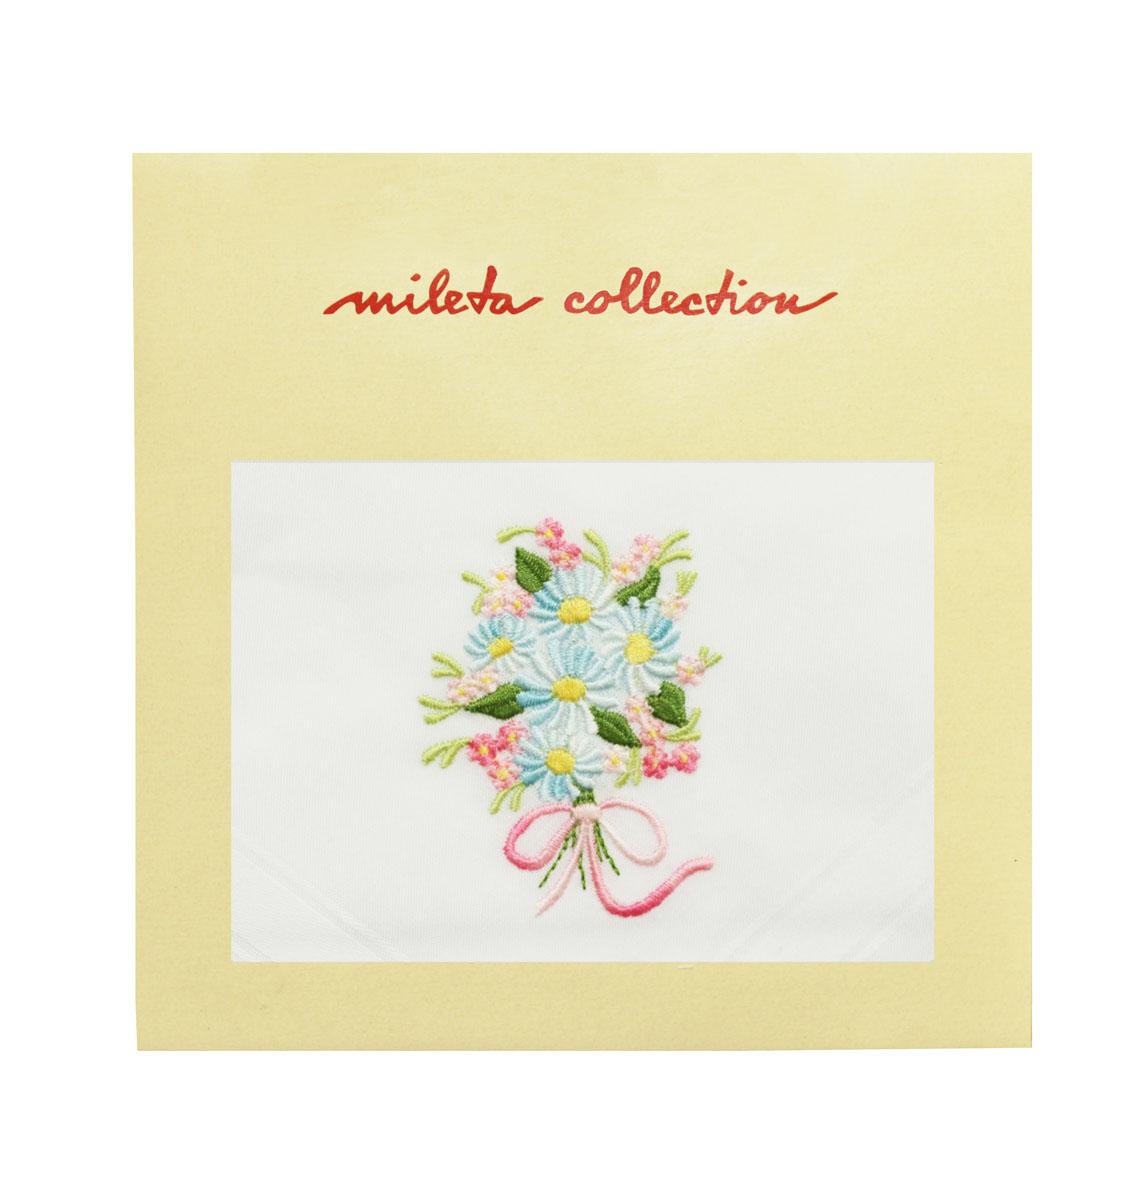 Zlata Korunka Носовой платок женский, цвет: мультиколор, 30 х 30 см19701-5Платки носовые женские в упаковке по 1 шт. Носовые платки изготовлены из 100% хлопка, так как этот материал приятен в использовании, хорошо стирается, не садится, отлично впитывает влагу.